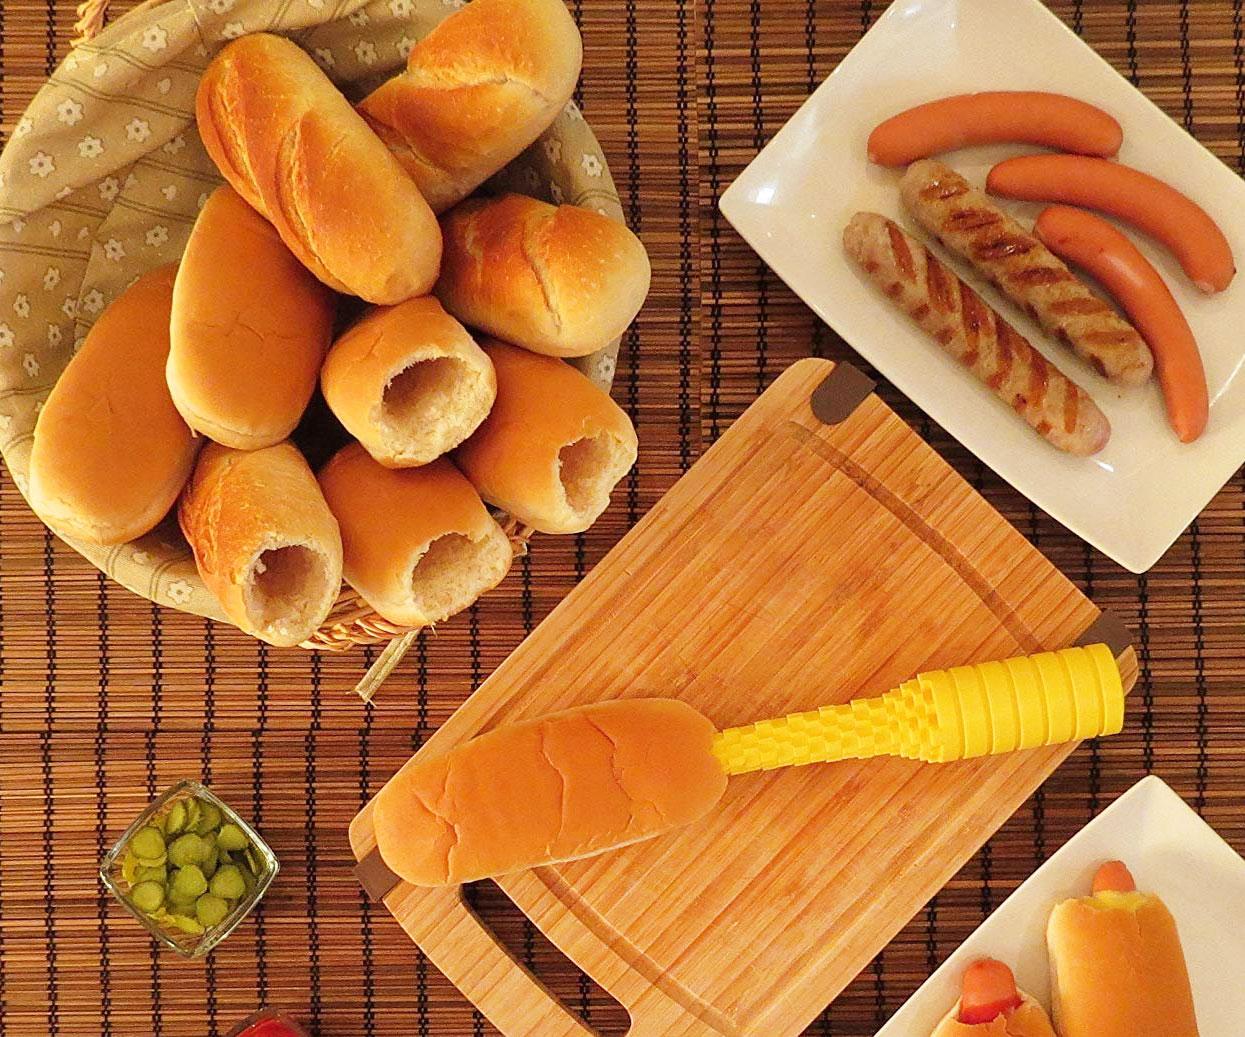 Hot Dog Bun Driller